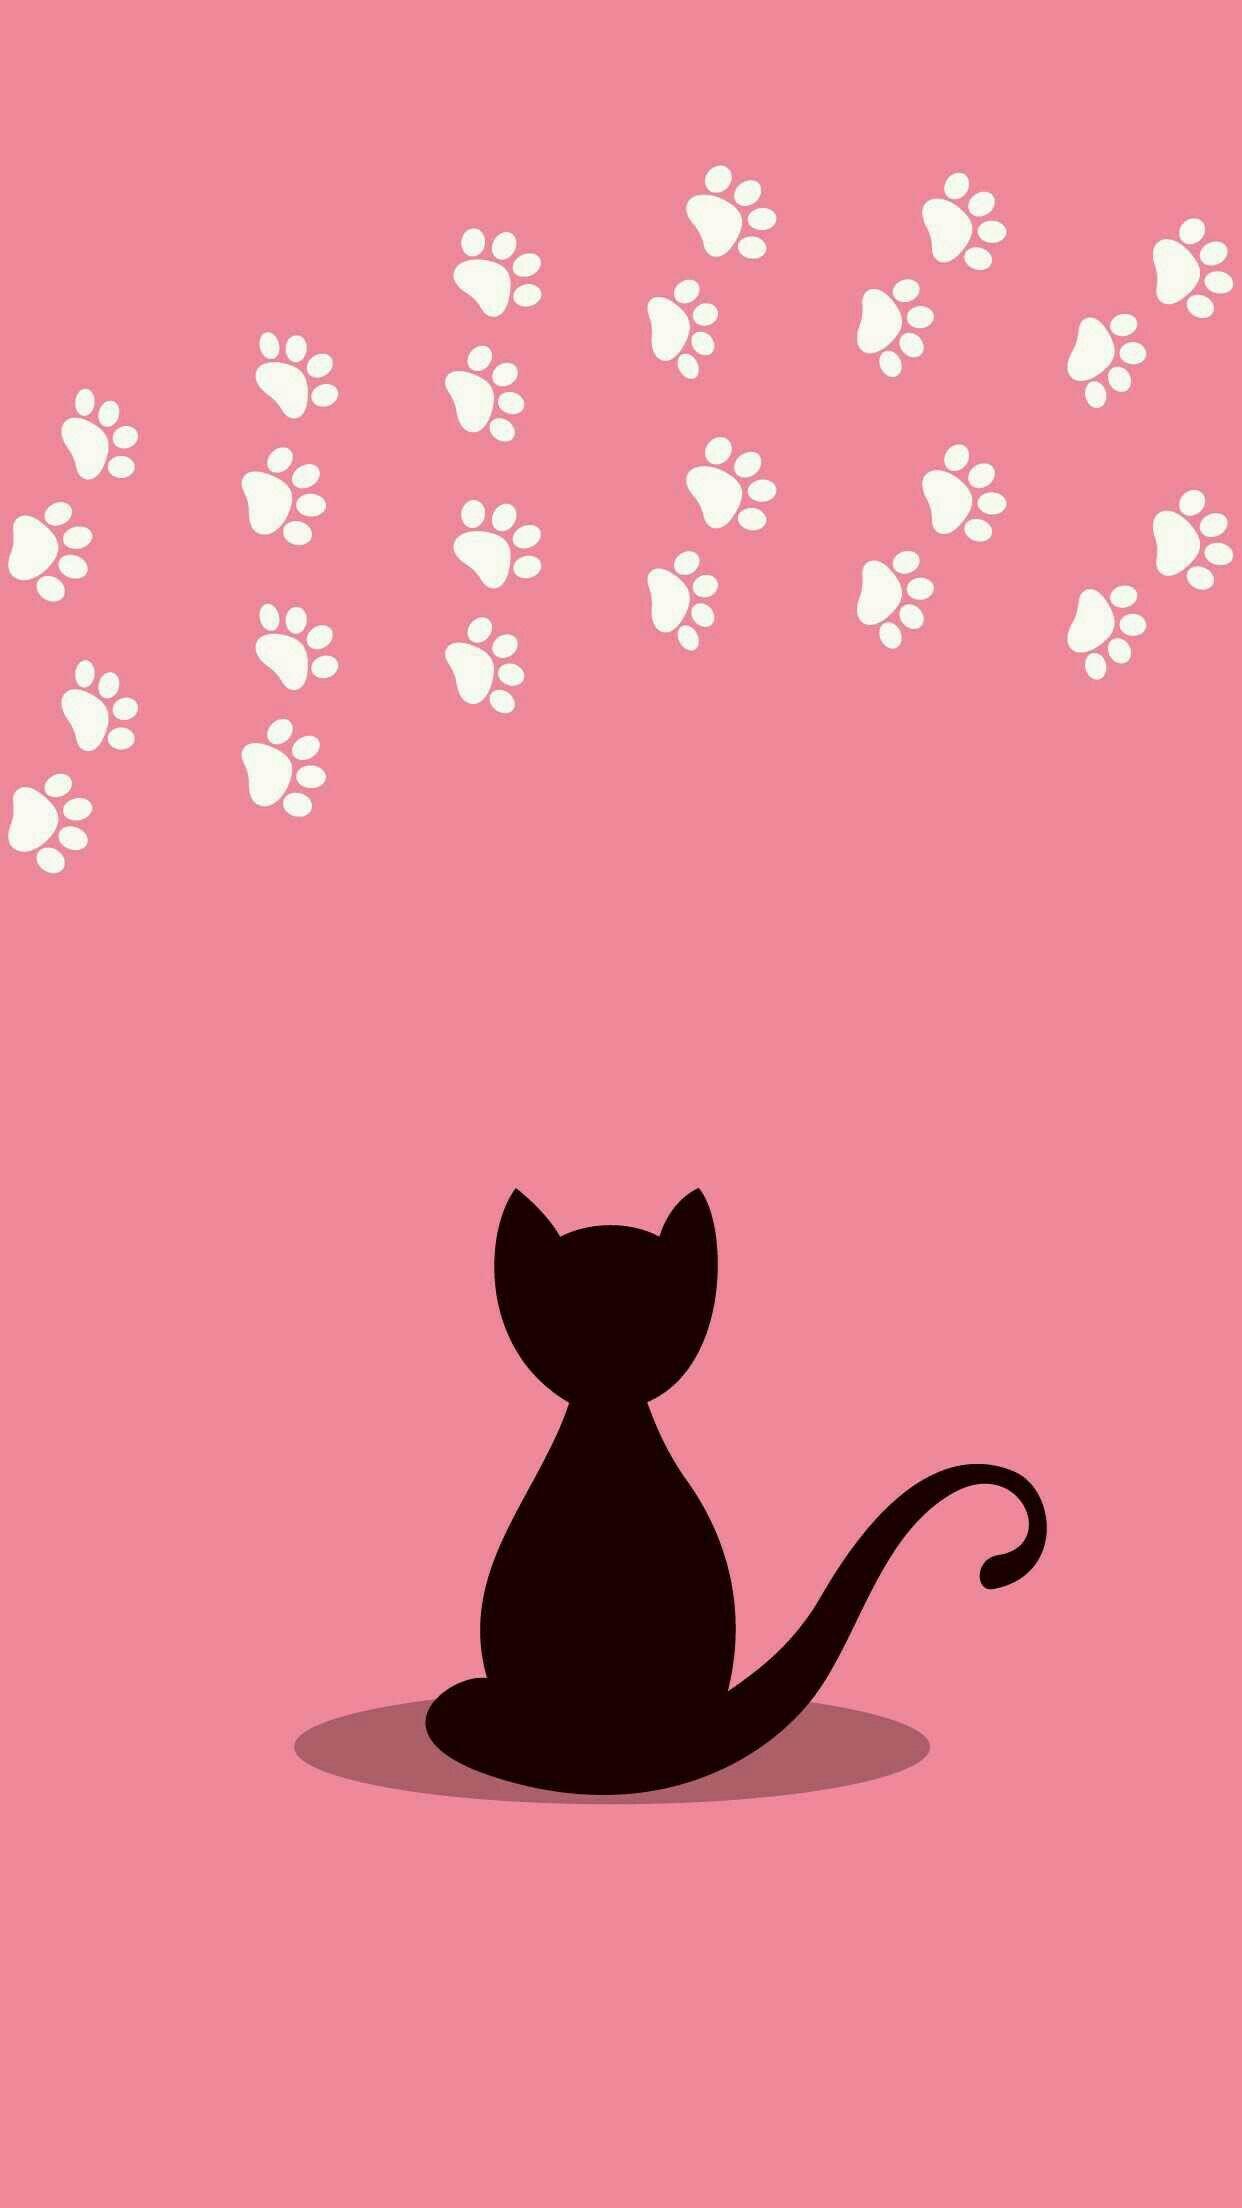 Картинки с рисованными кошками на телефон, днем свадьбы